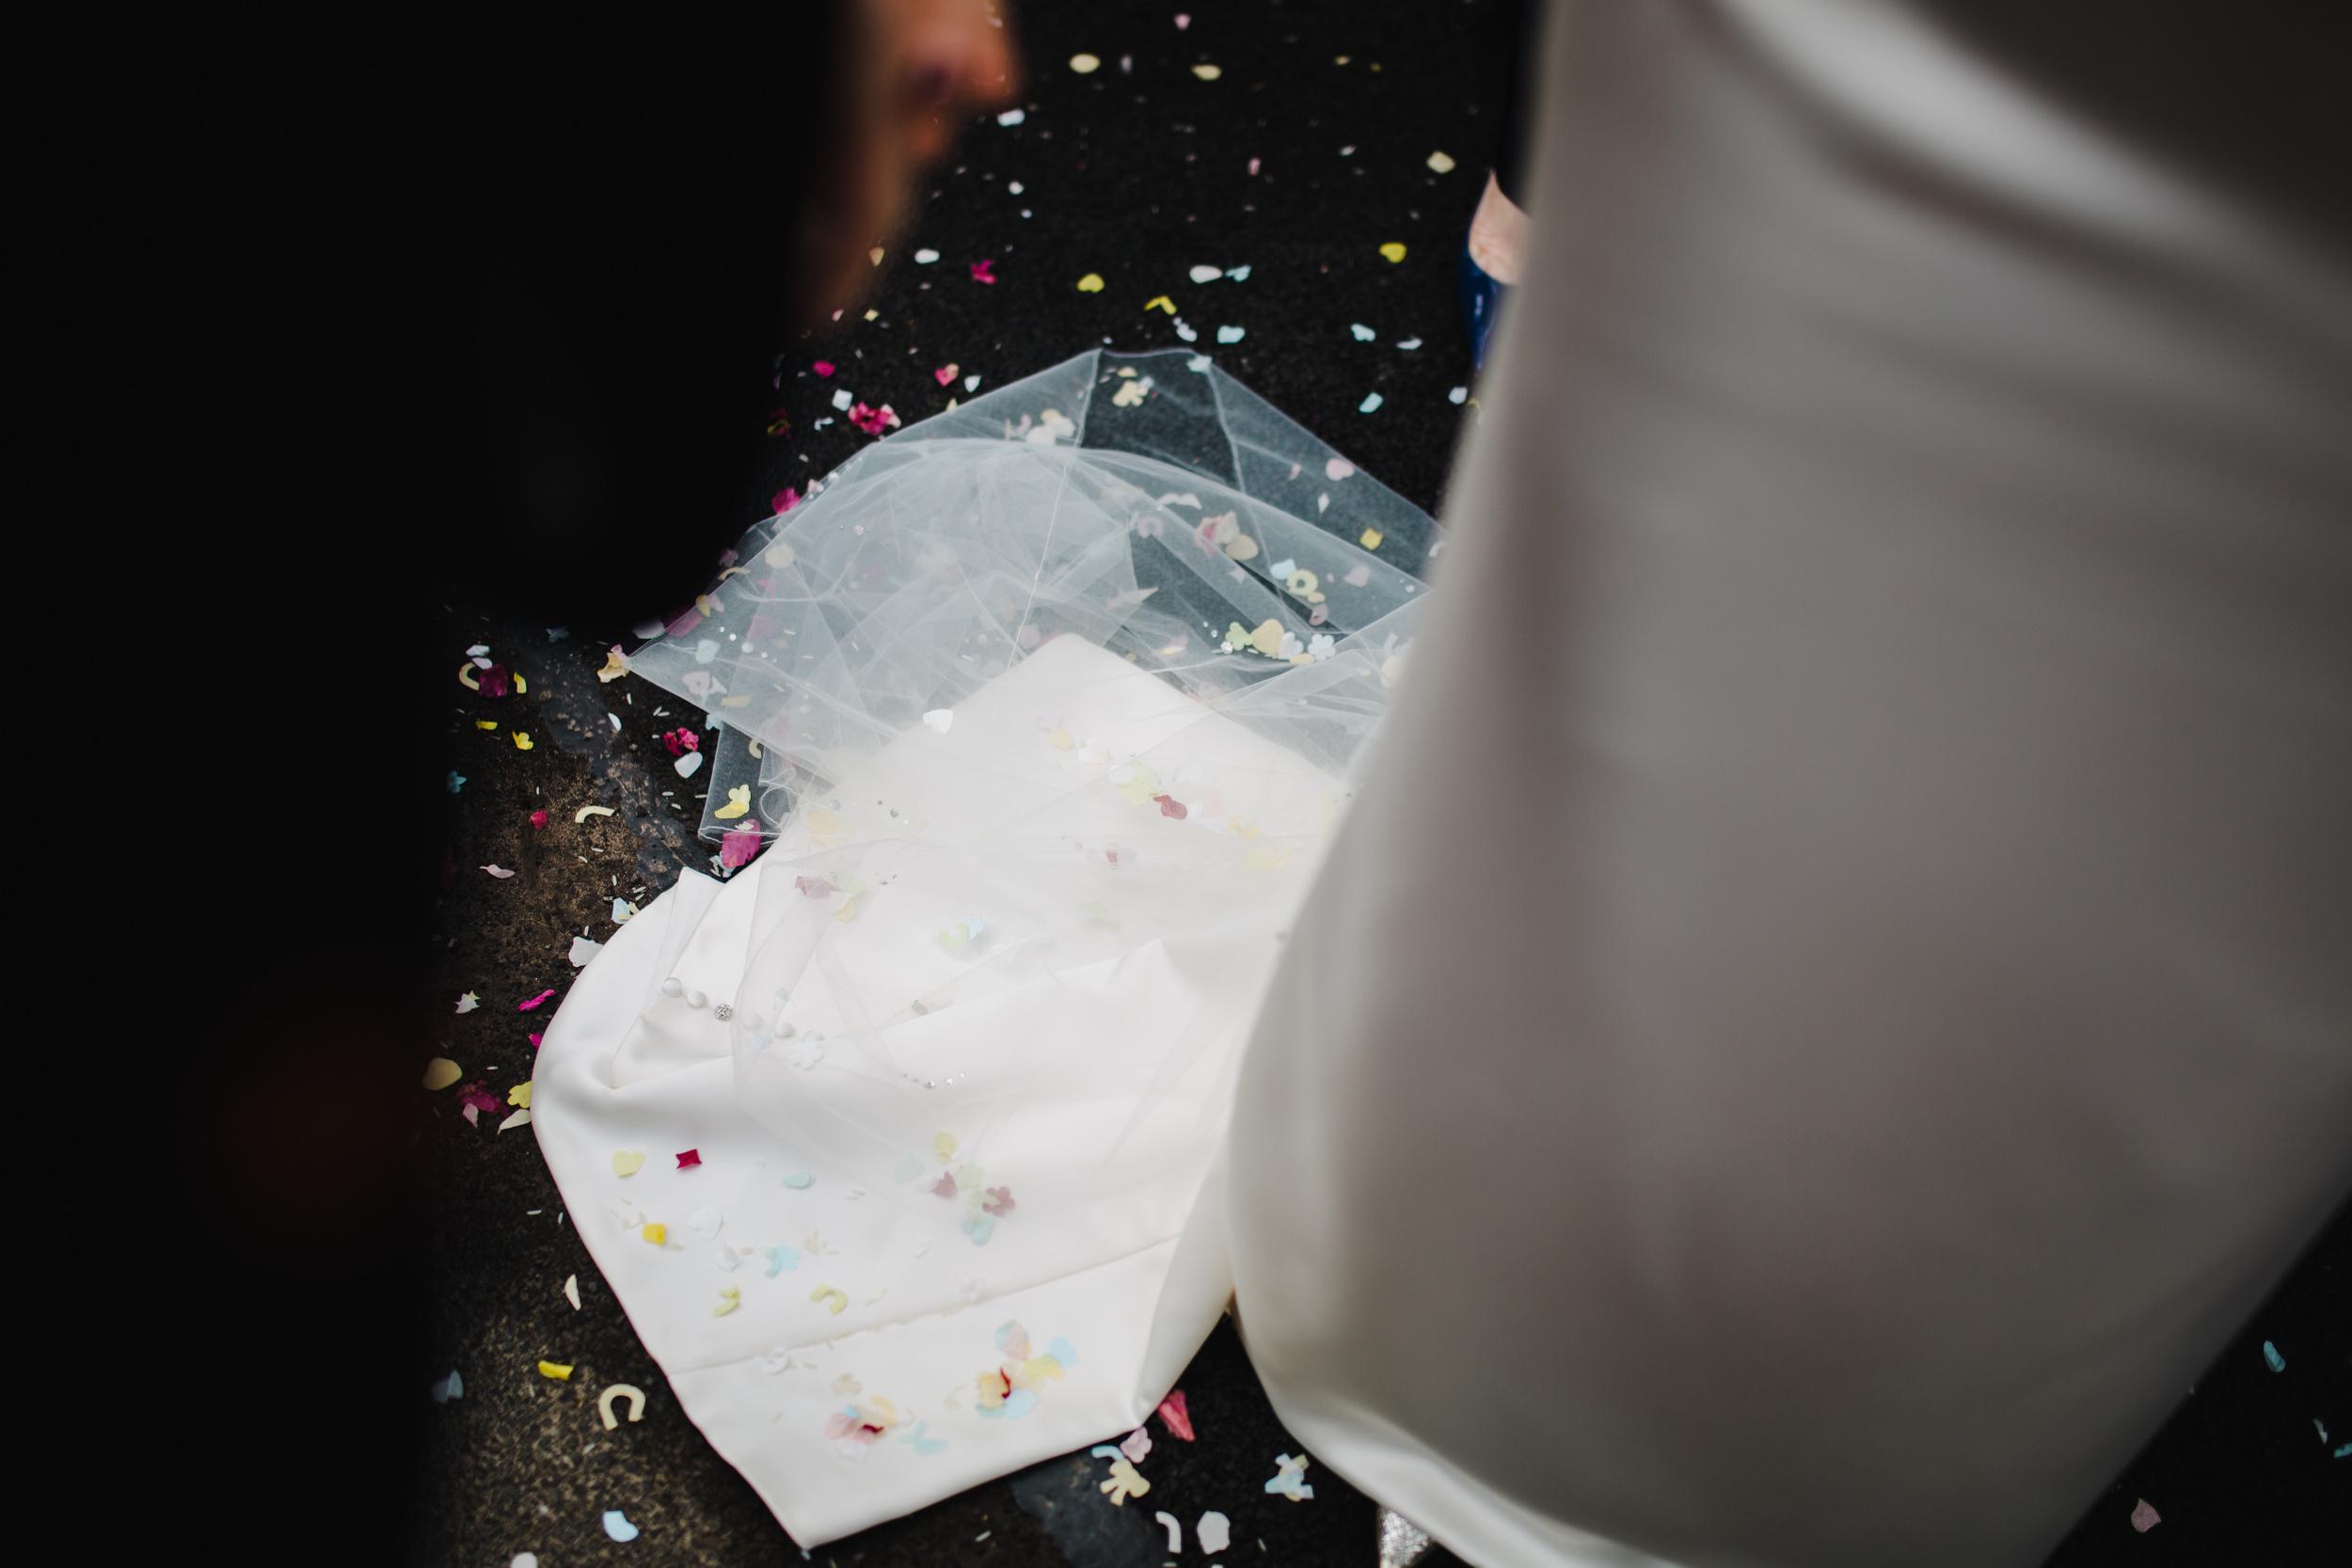 bride's dress covered in confetti